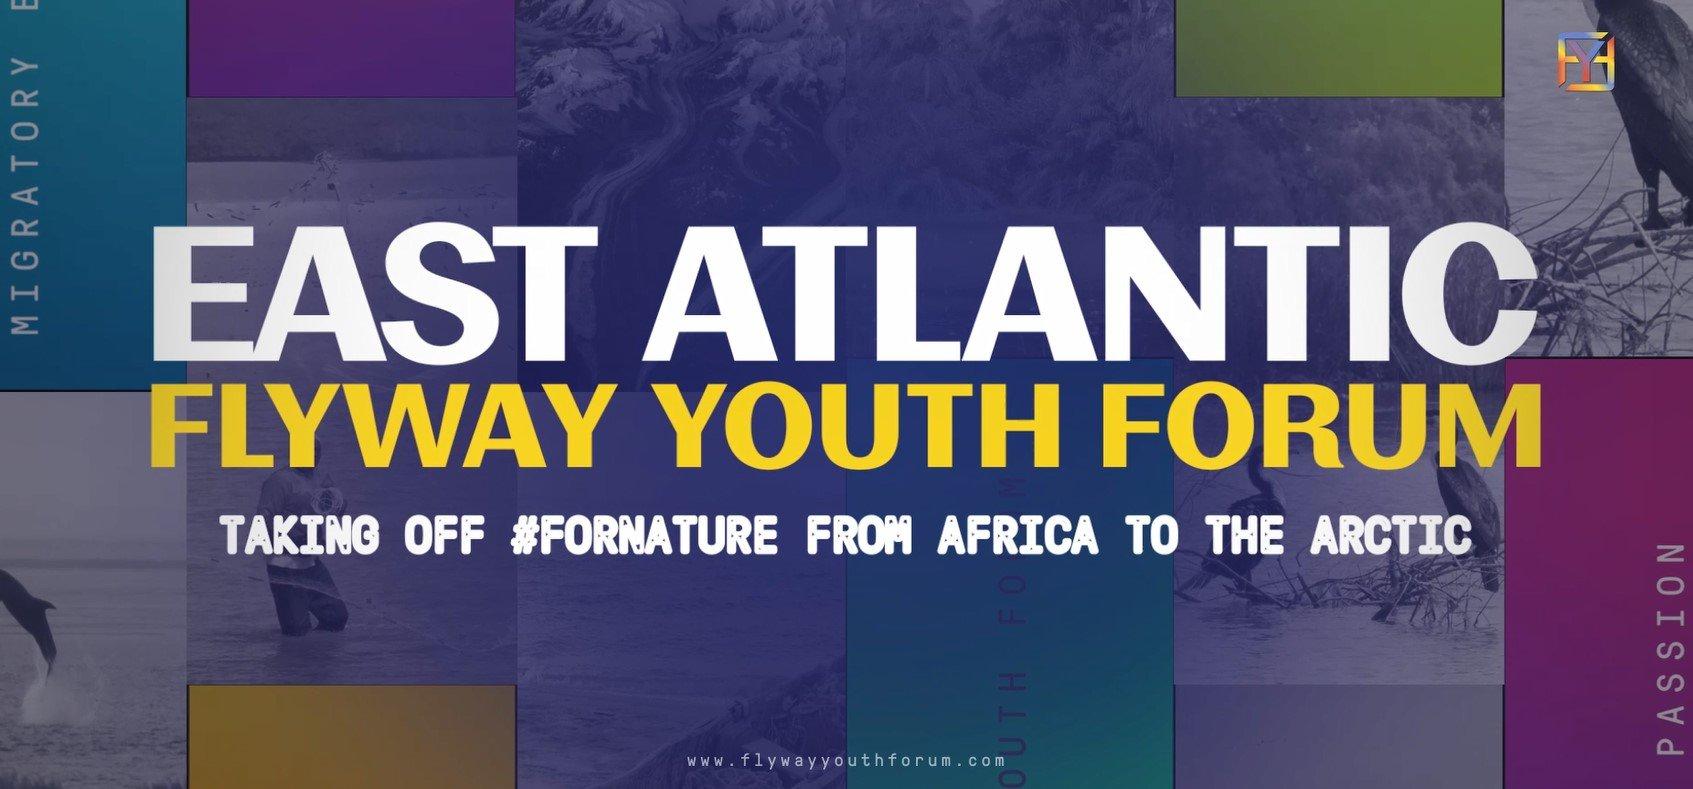 Flyway Youth Forum video still